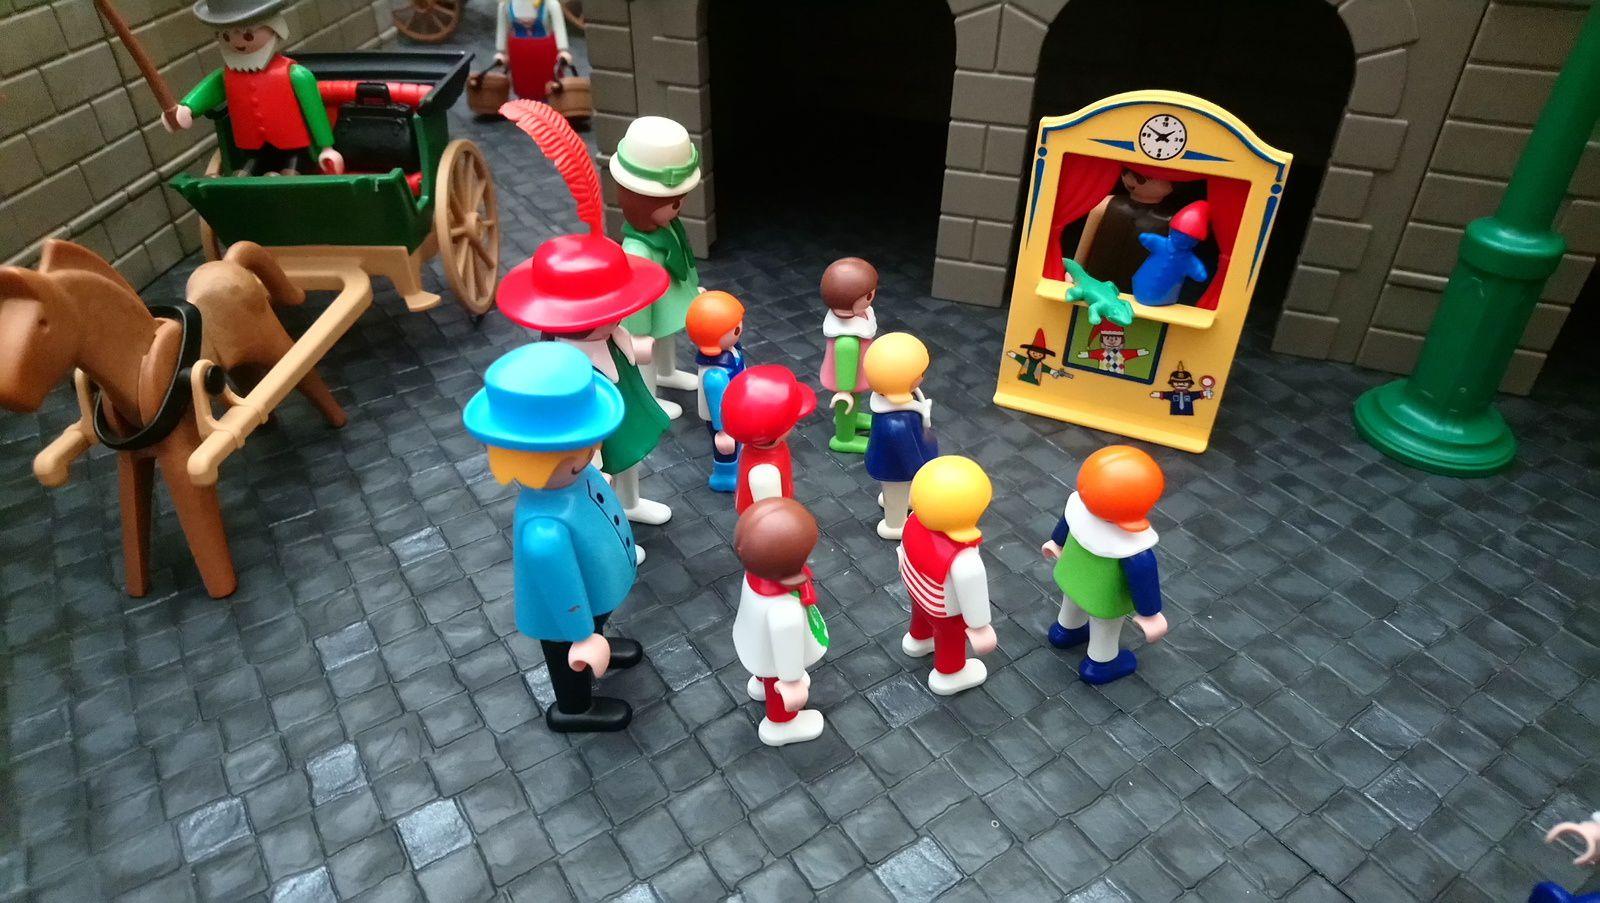 Un spectacle de Guignol amuse les enfants sur la place.